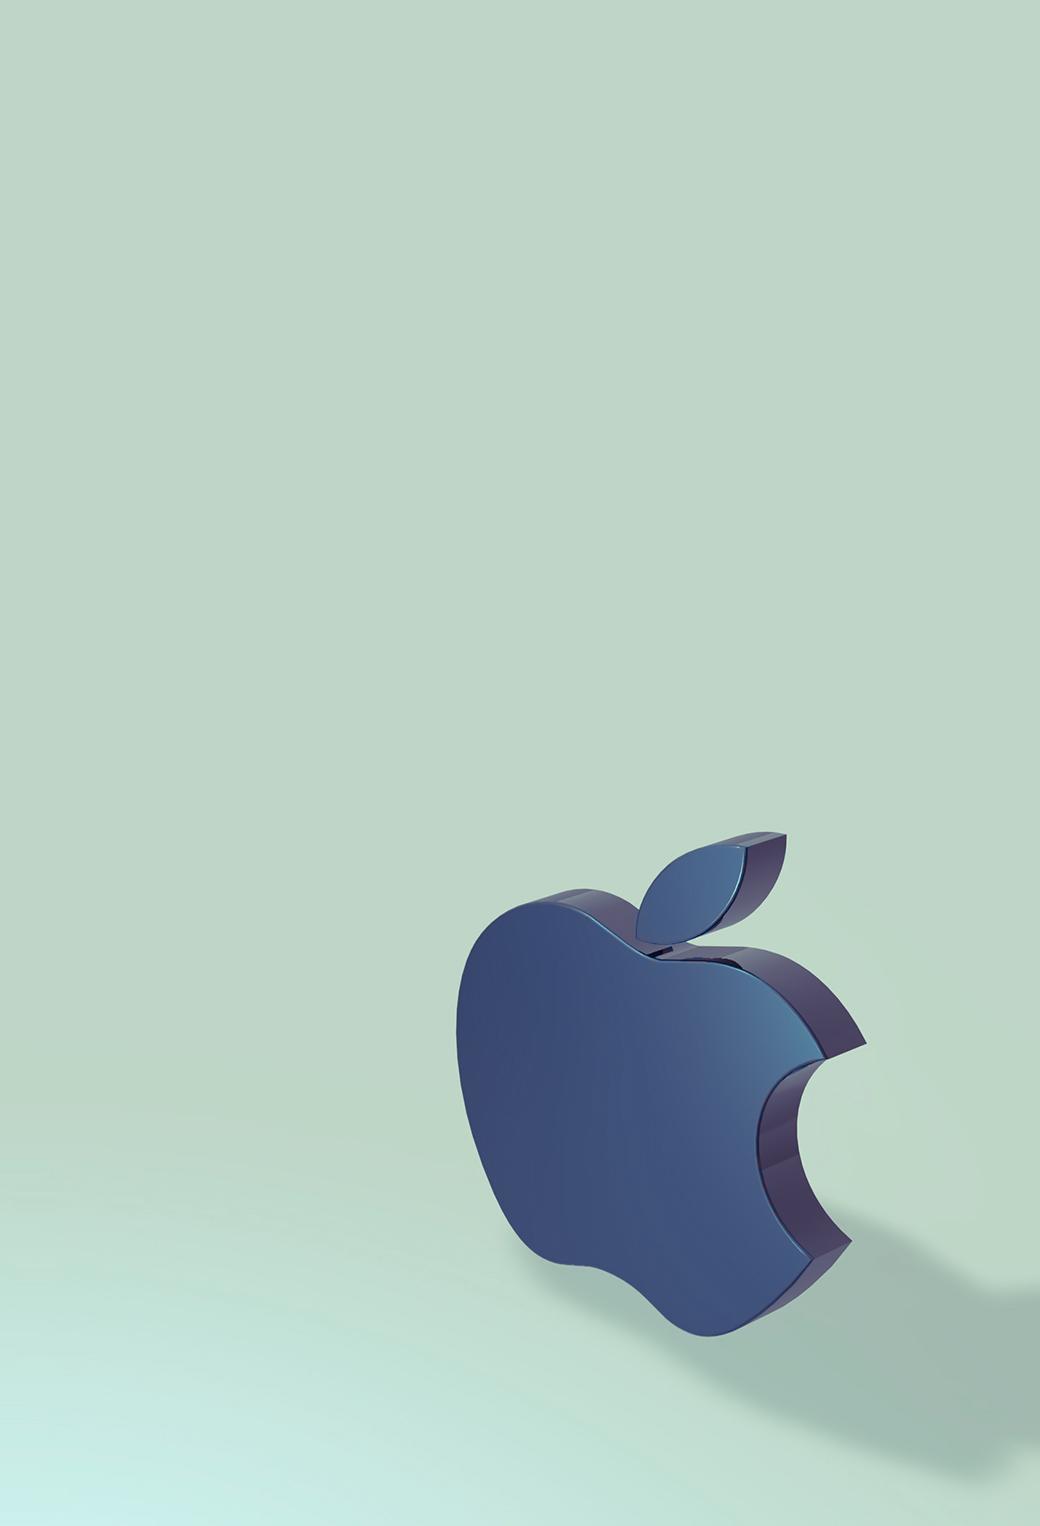 Apple Logo 3D 3Wallpapers iPhone Parallax Apple Logo 3D